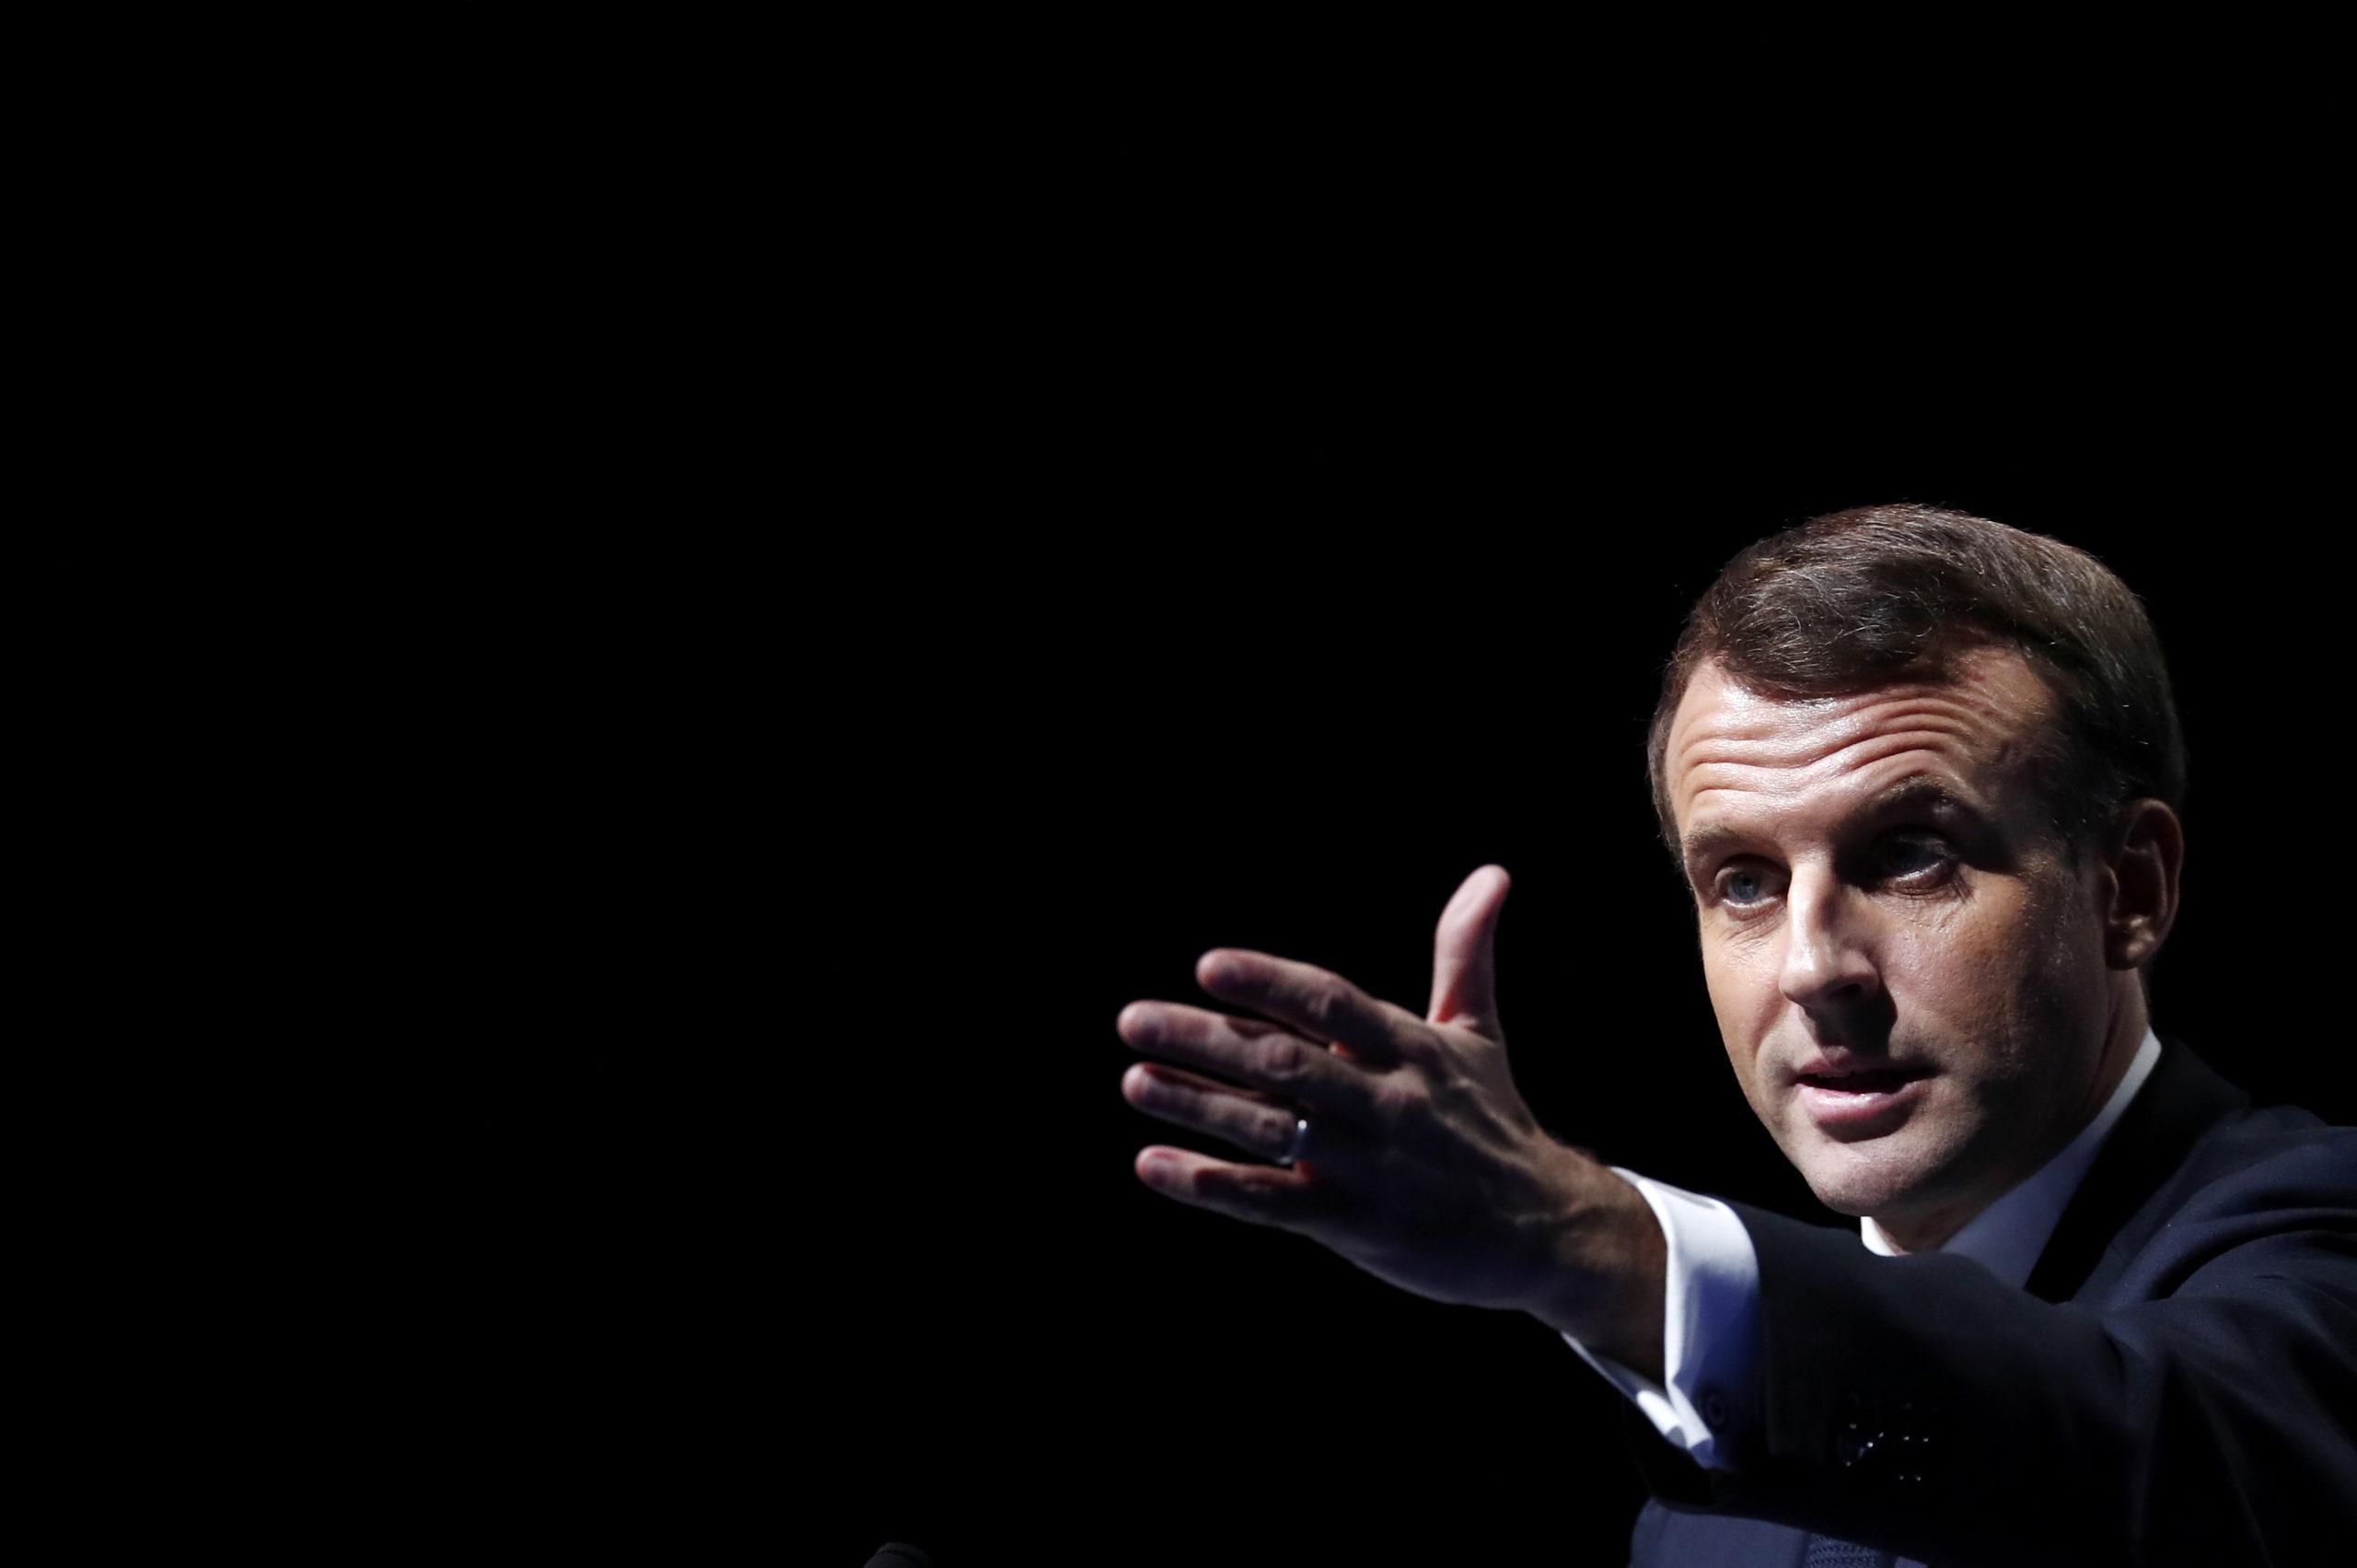 """Emmanuel Macron s'est dit opposé mardi à l'interdiction des listes communautaires, réclamée par la droite et l'extrême droite pour les élections municipales de mars 2020, préférant mettre en avant les """"règles claires"""" existantes. /Photo prise le 19 novembre 2019/REUTERS/Ian Langsdon"""